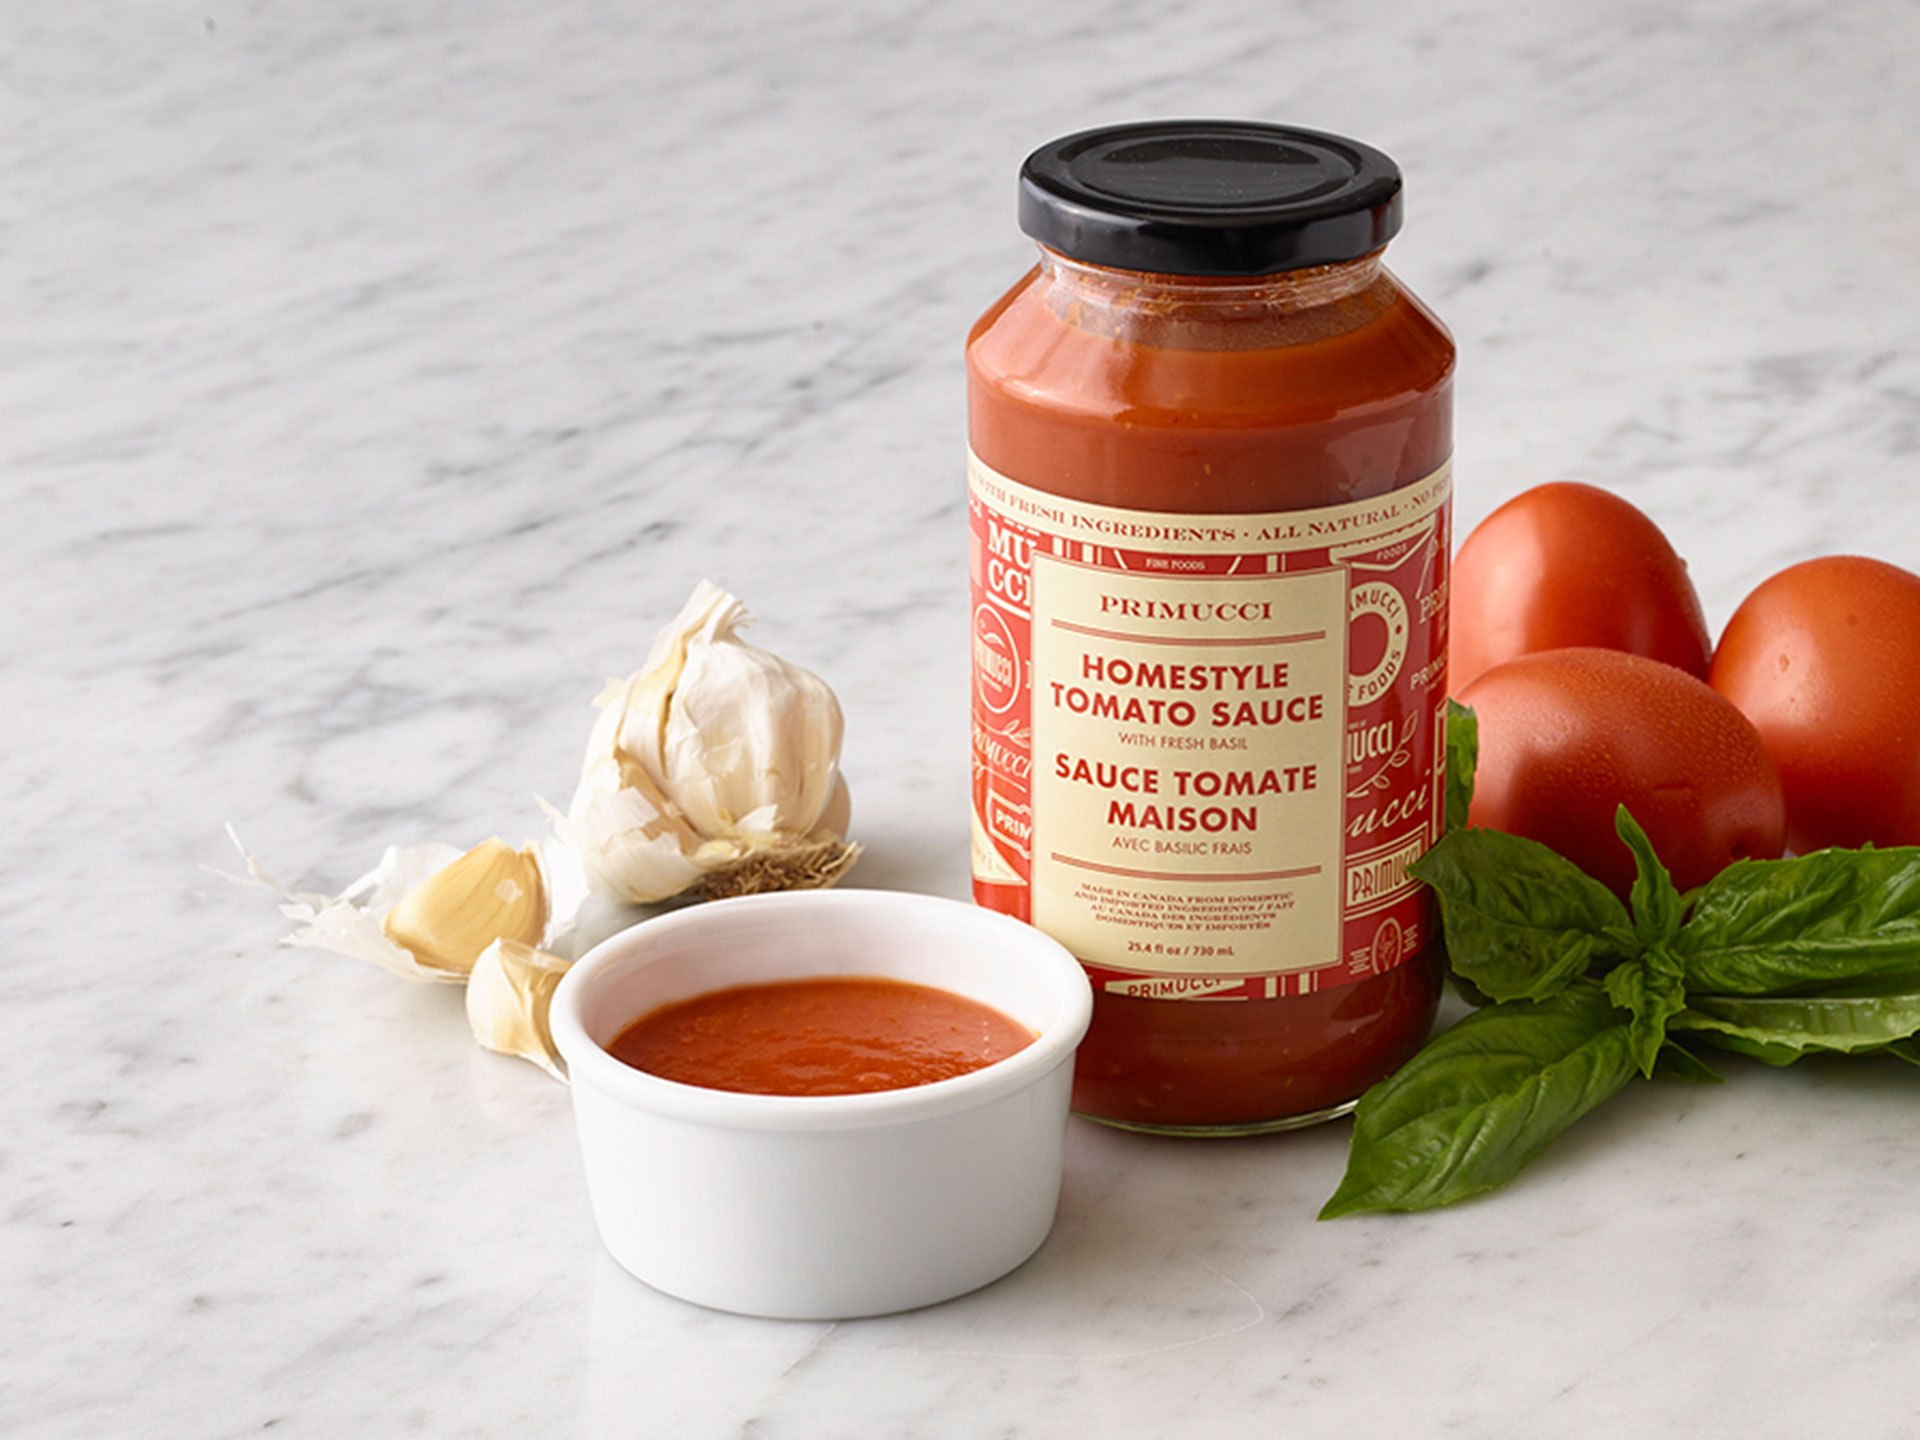 homestyle tomato sauce pizza nova